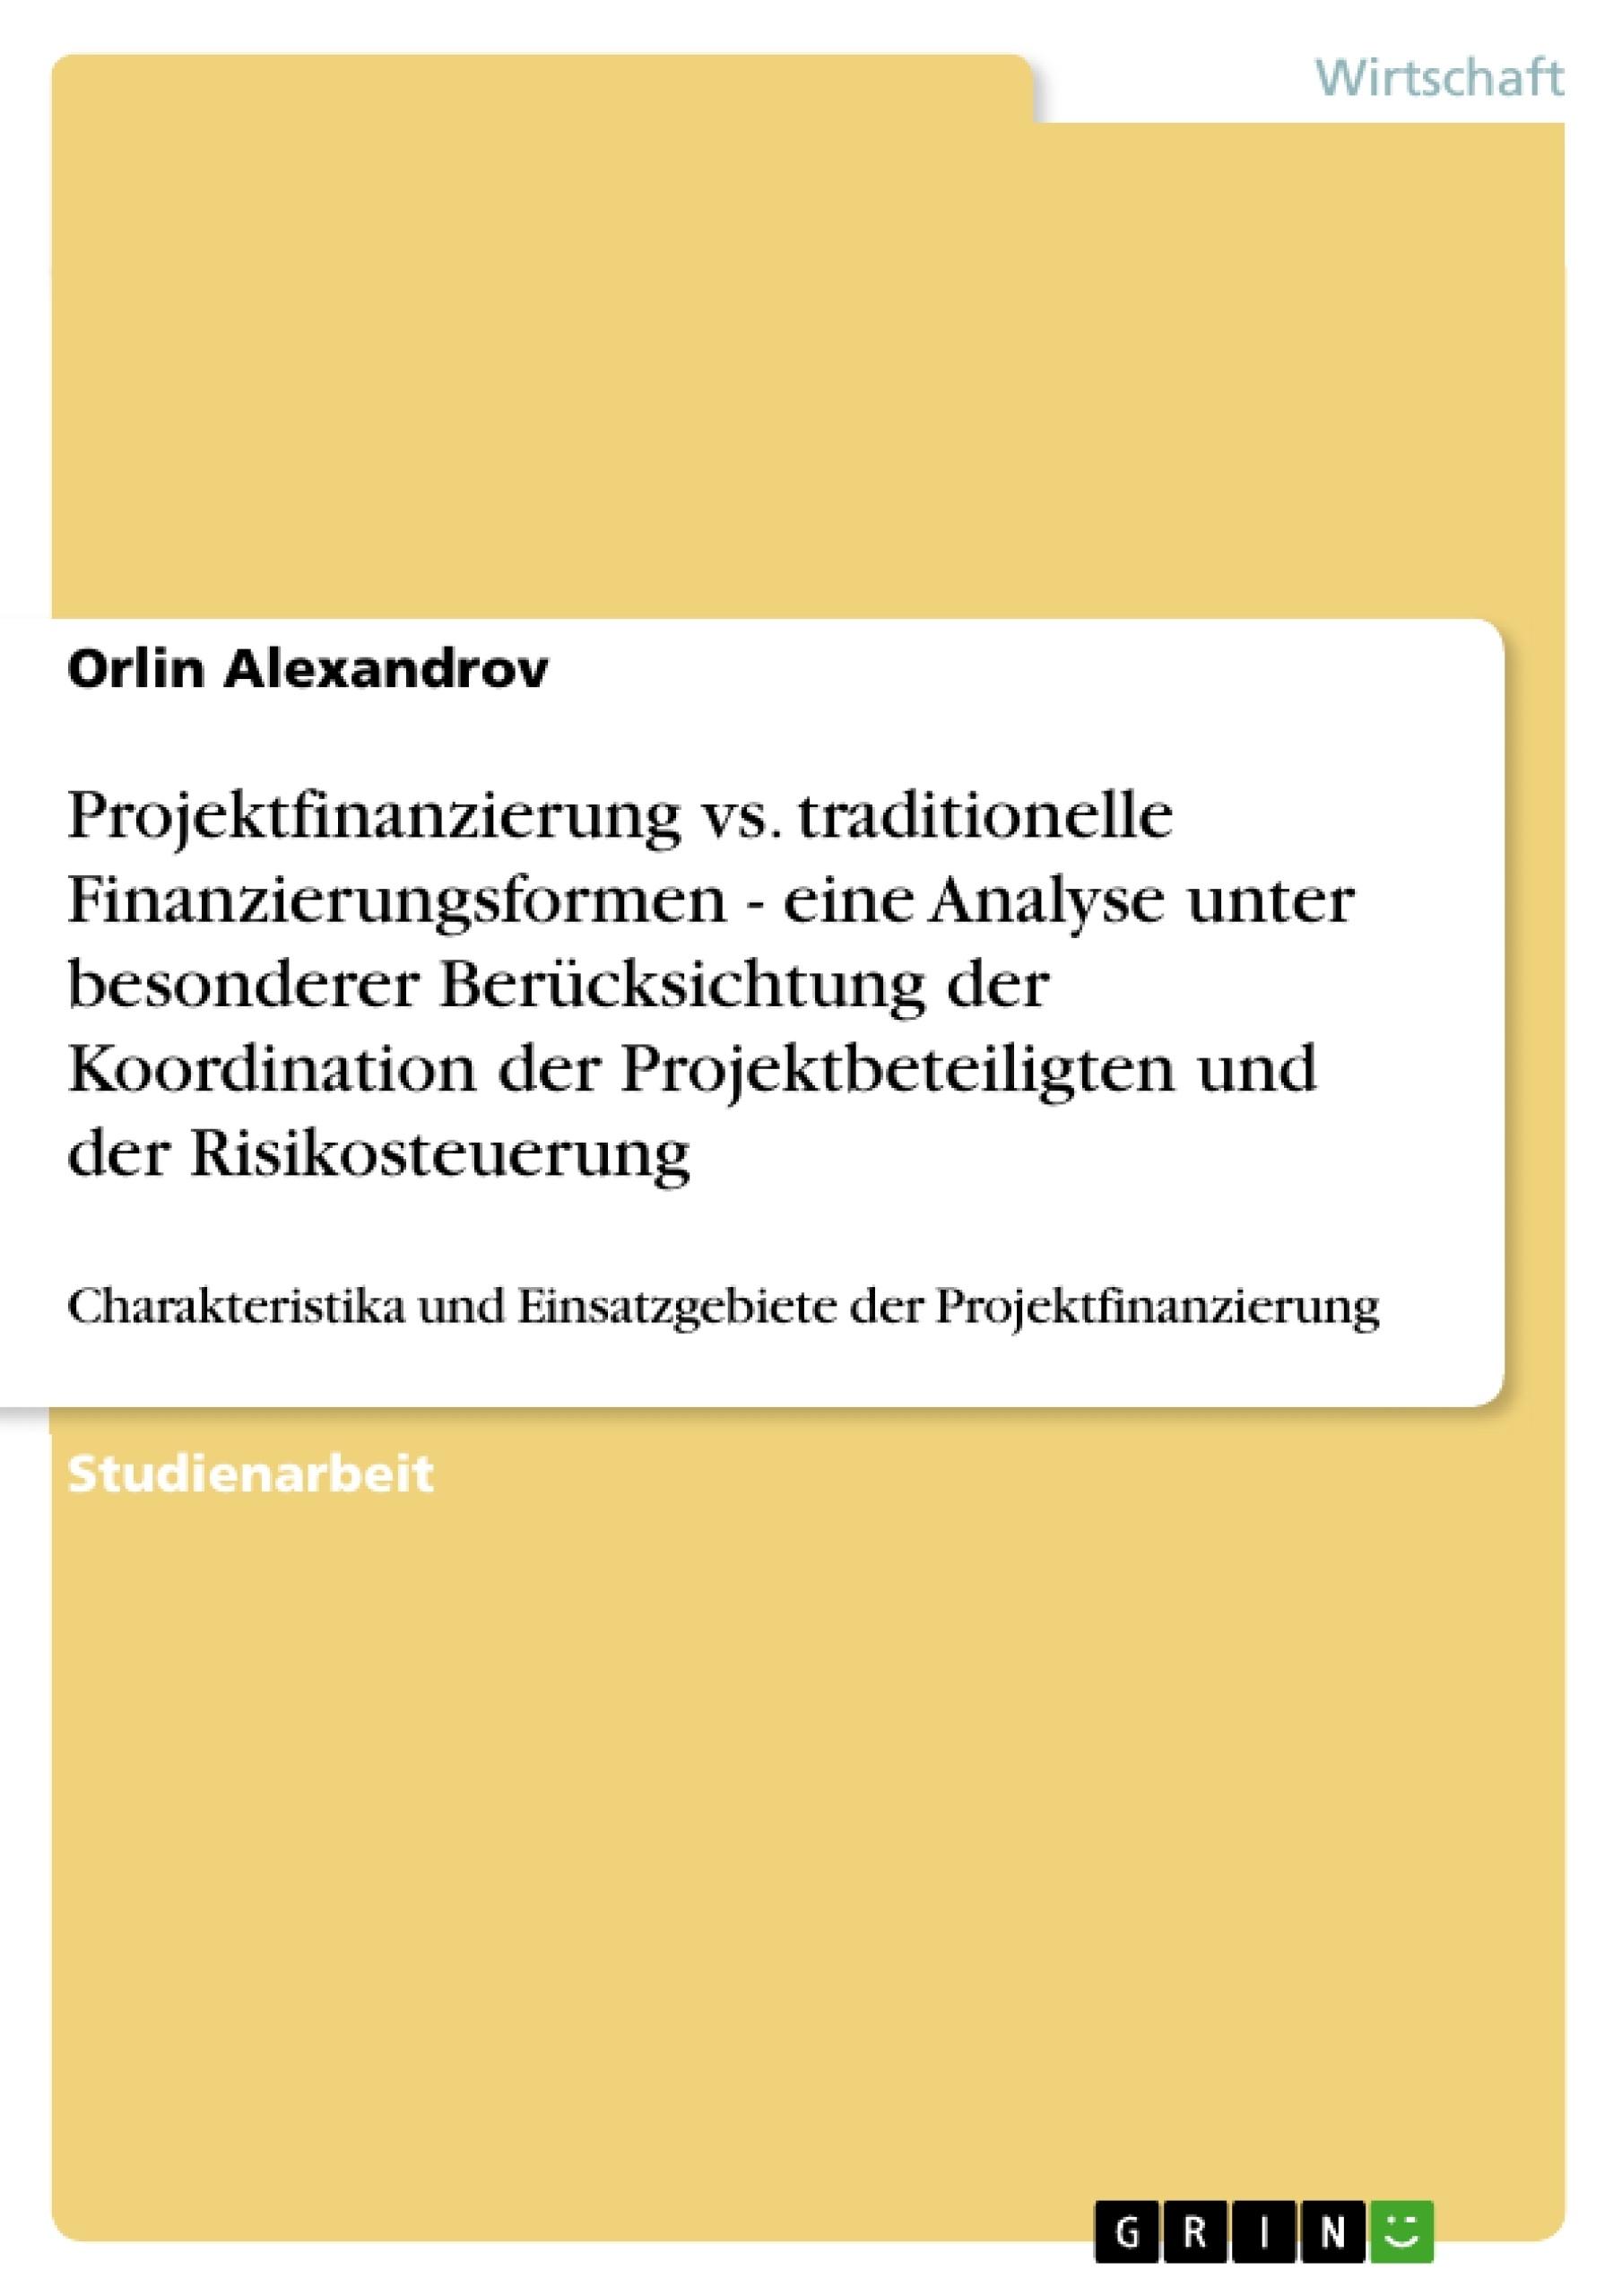 Titel: Projektfinanzierung vs. traditionelle Finanzierungsformen - eine Analyse unter besonderer Berücksichtung der Koordination der Projektbeteiligten und der Risikosteuerung